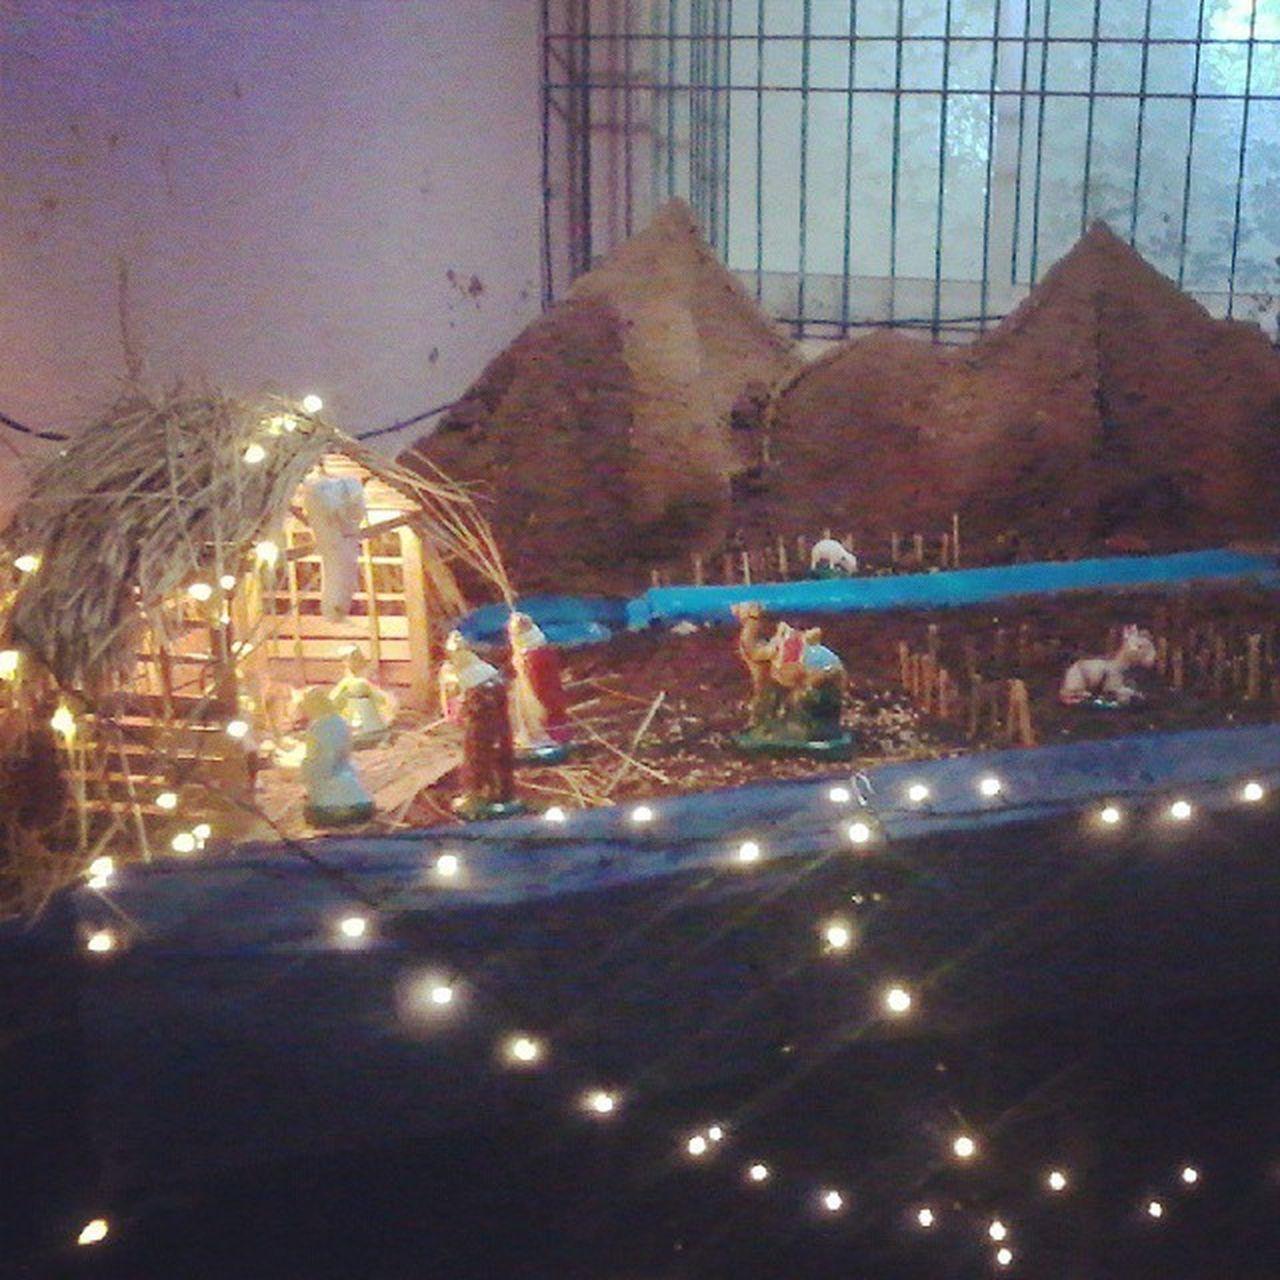 Nativity_Scene Illuminated Decoration Art Night Chrismas Celebration